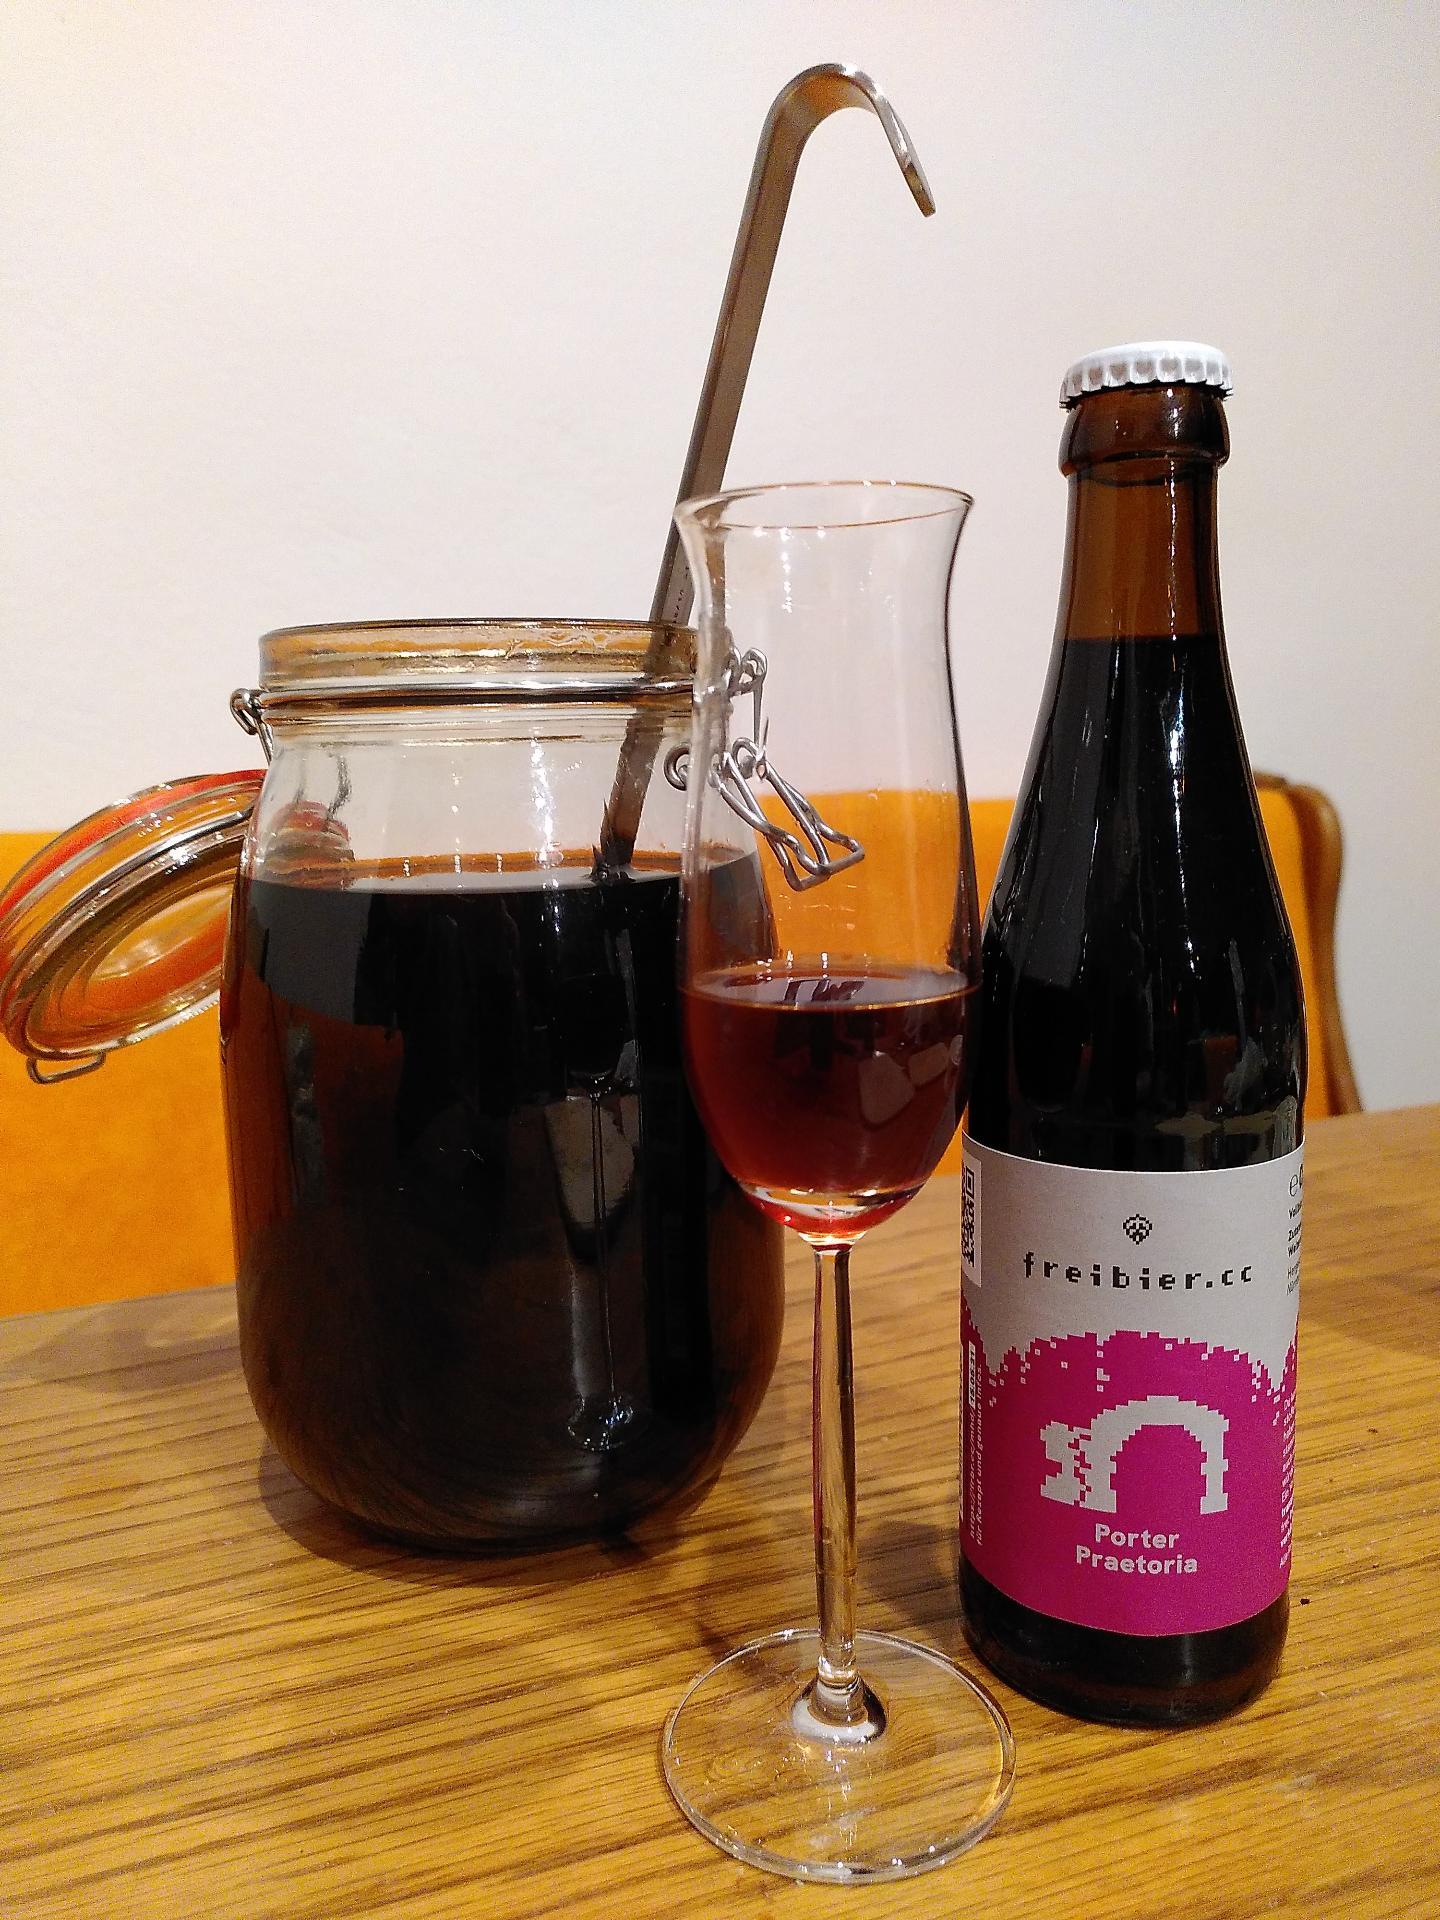 Porter Praetoria Likör mit Bierflasche